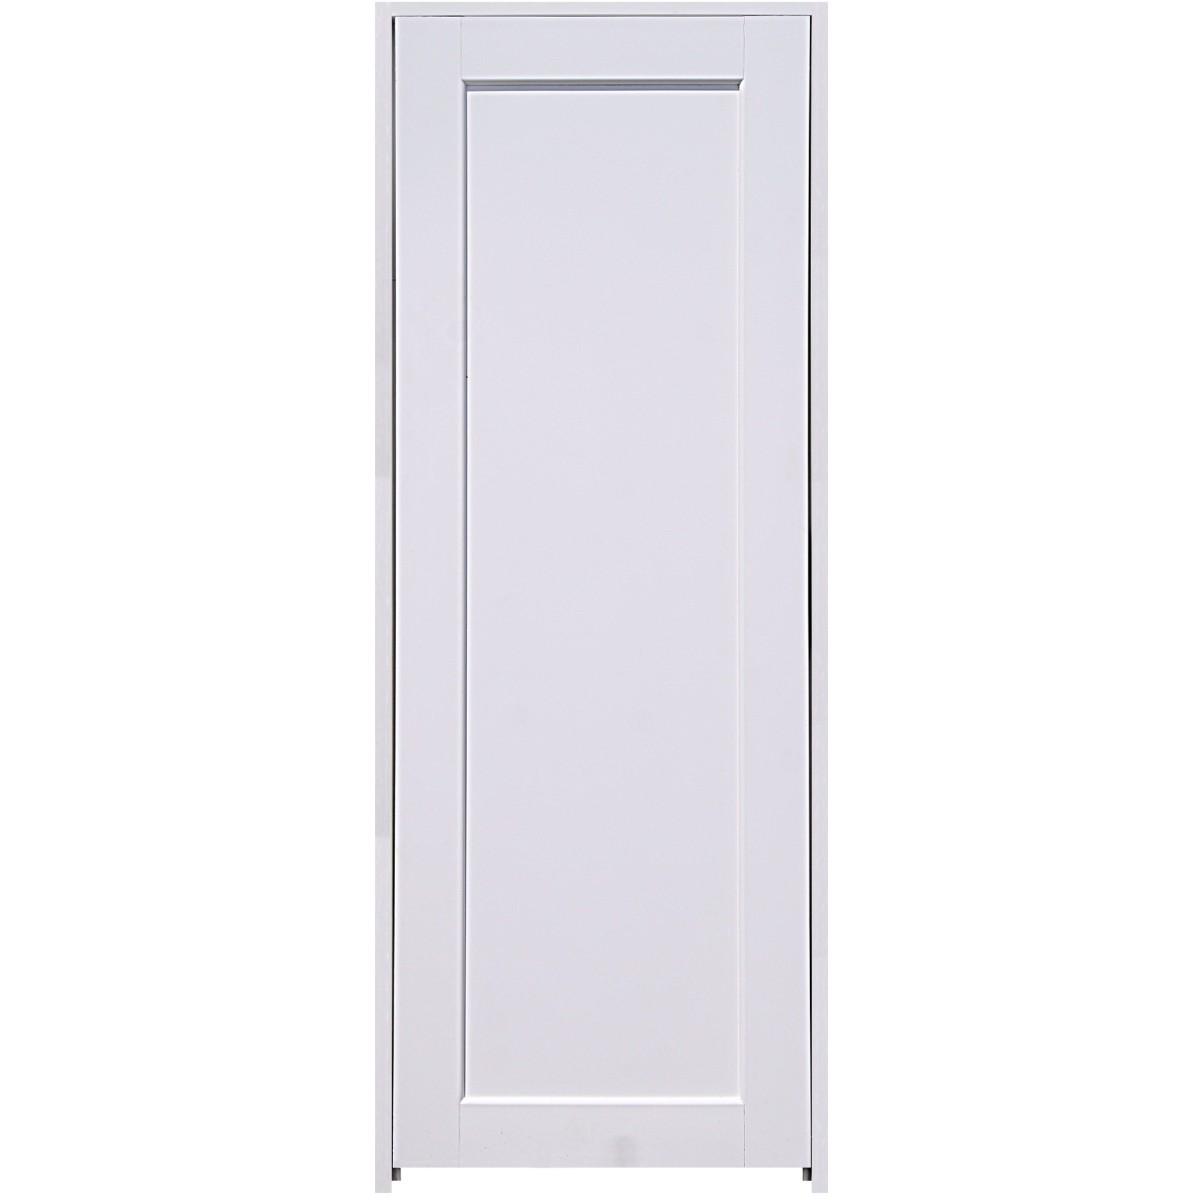 Блок дверной Аквапласт 60x200 см ПВХ с фурнитурой